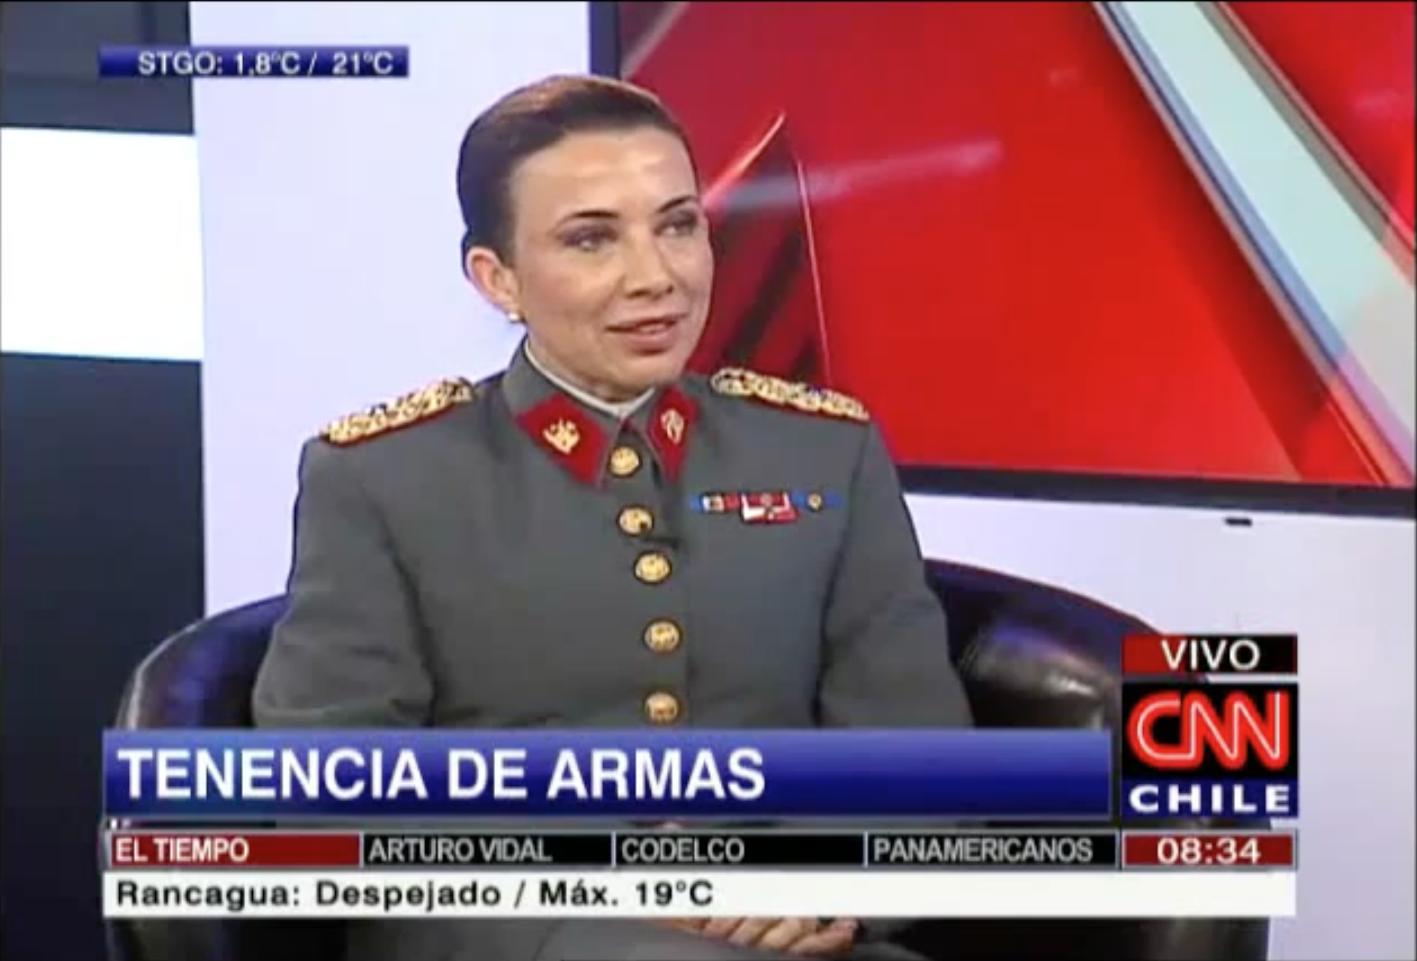 EN CHILE SÓLO DOCE CIVILES CUENTAN CON AUTORIZACIÓN PARA PORTAR ARMAS